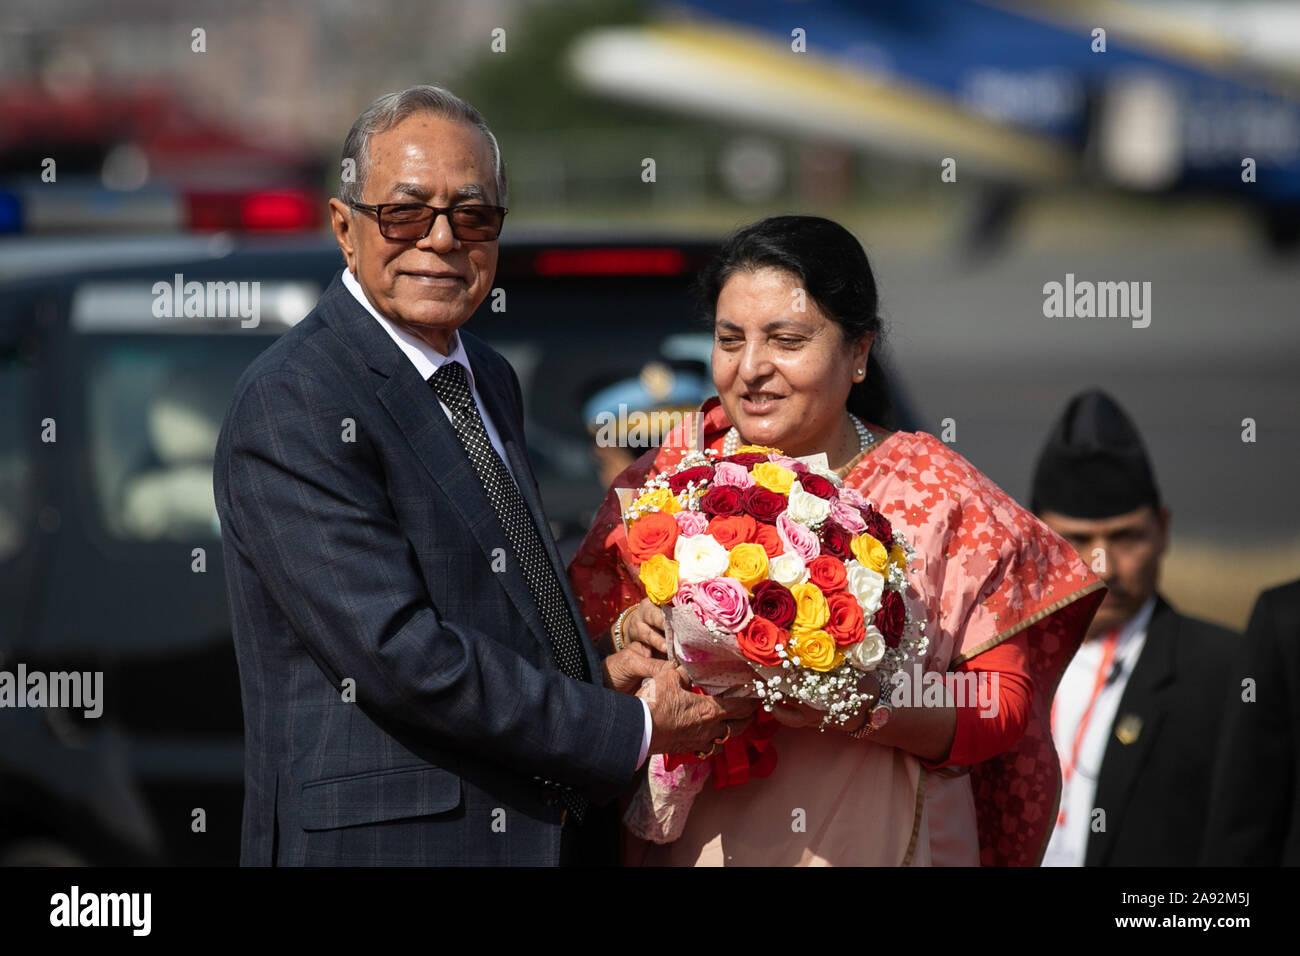 Katmandú, Nepal. 20 Nov, 2019. El Presidente de Bangladesh, Abdul Hamid (R) recibe un ramo de flores de Nepal de Presidente, Bidhya Devi Bhandari (L) a su llegada al Aeropuerto Internacional de Tribhuvan. El Presidente de Bangladesh está en una buena voluntad oficial de tres días visita a Nepal, a invitación del Presidente de Nepal. Crédito: Sopa de imágenes limitado/Alamy Live News Foto de stock